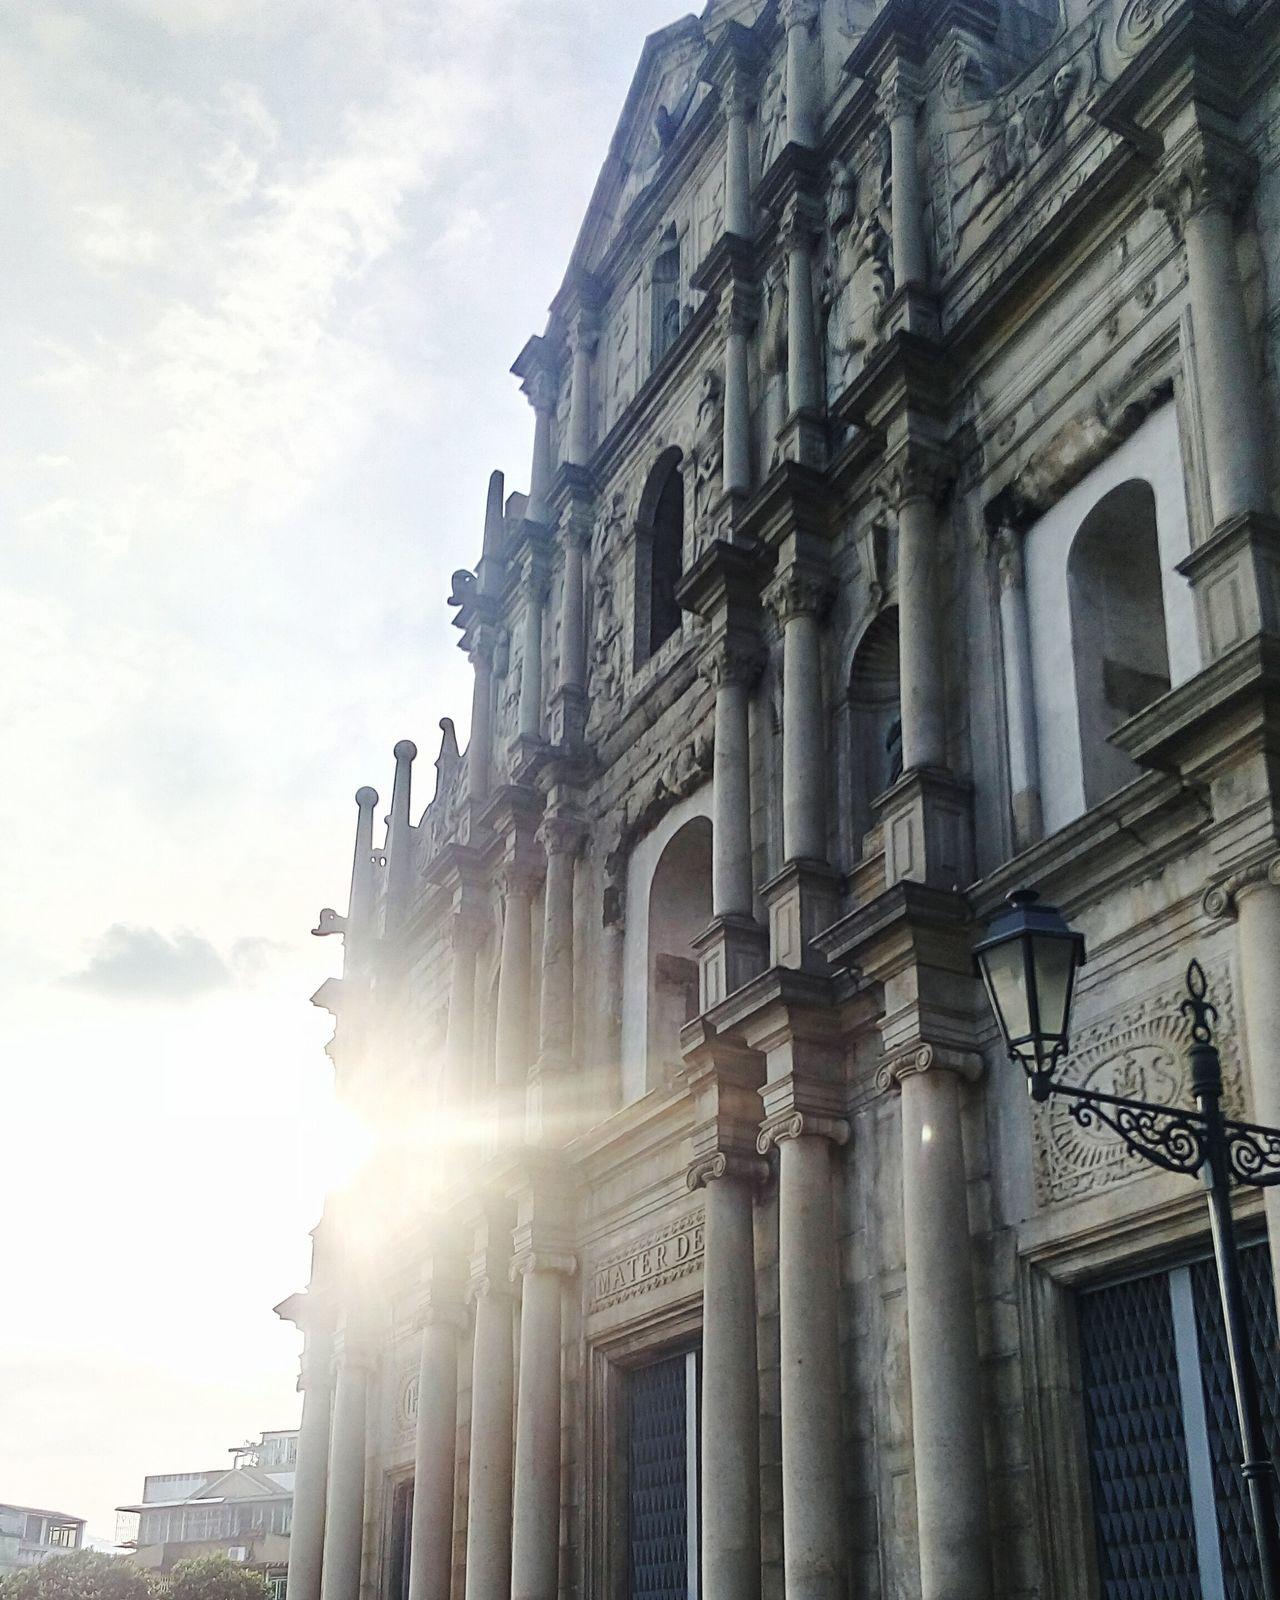 Church Ruins Architecture Landmark Macau